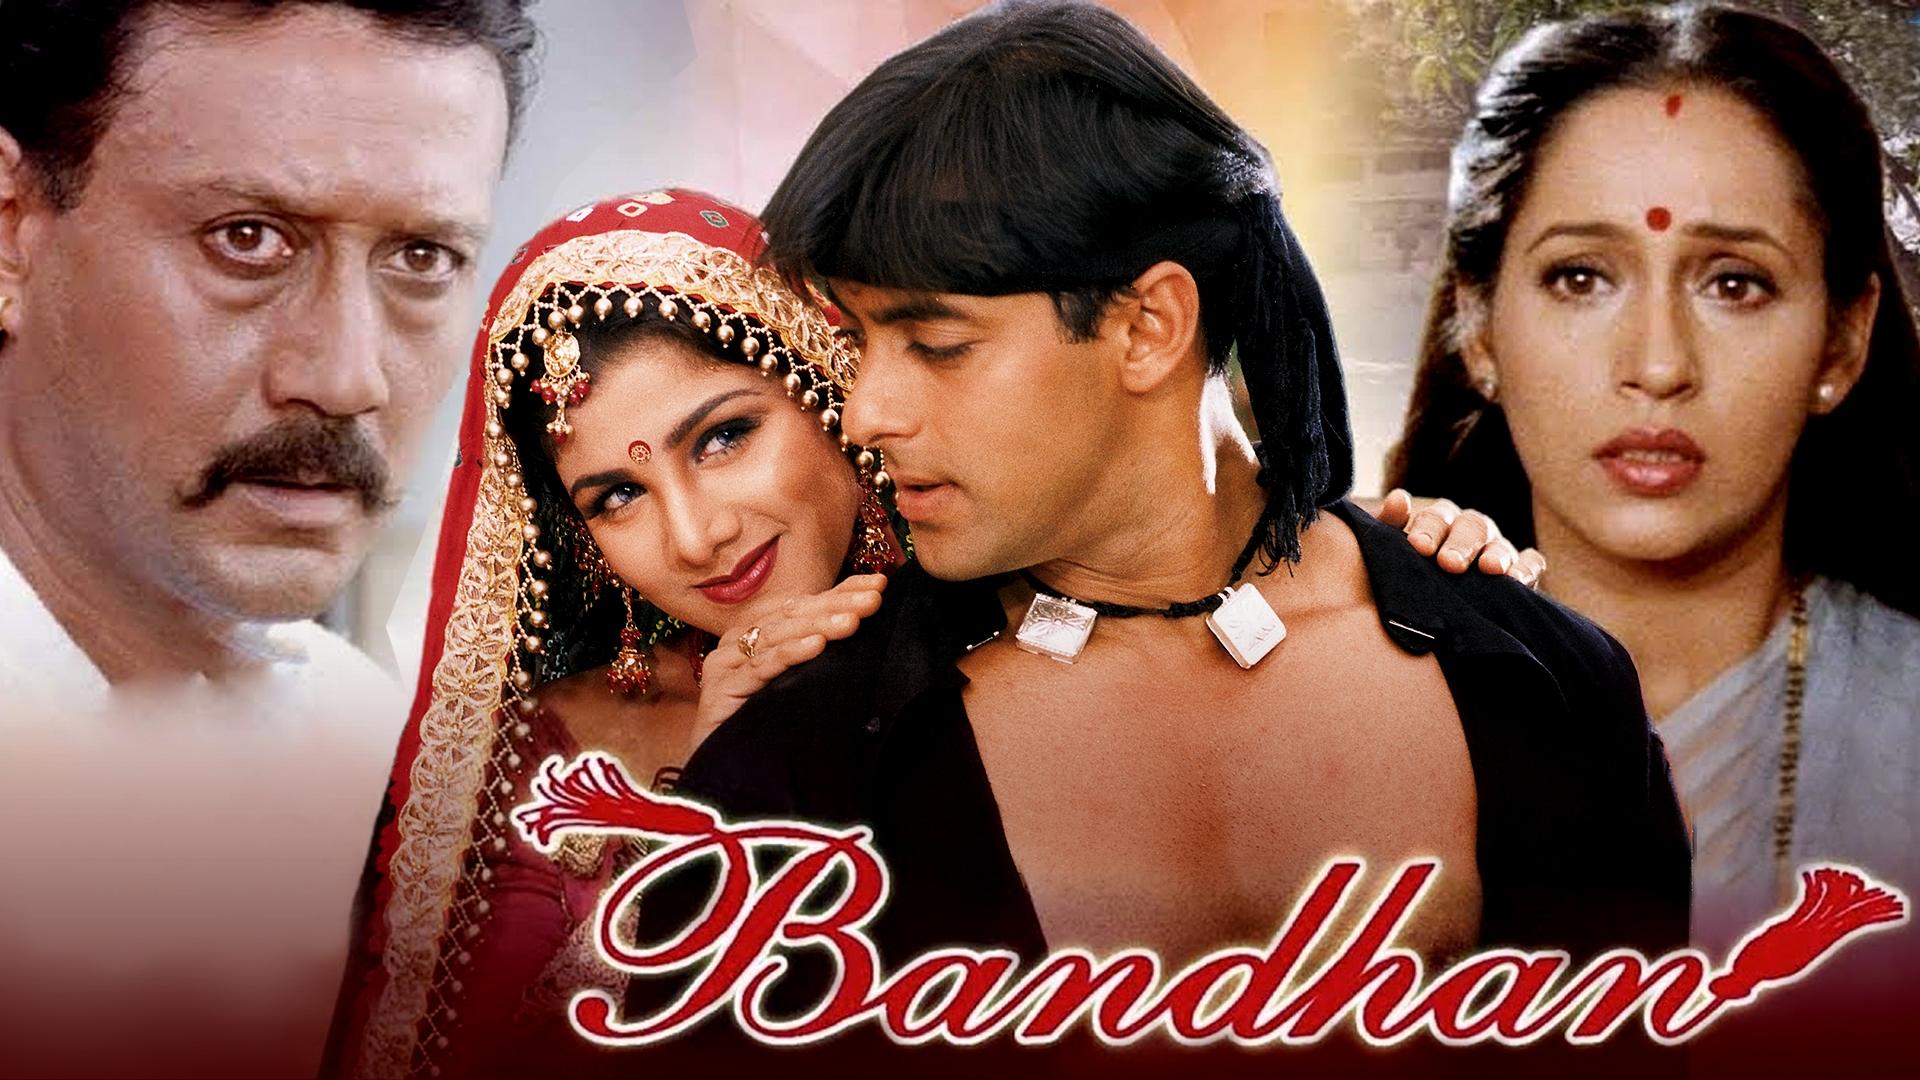 Bandhan